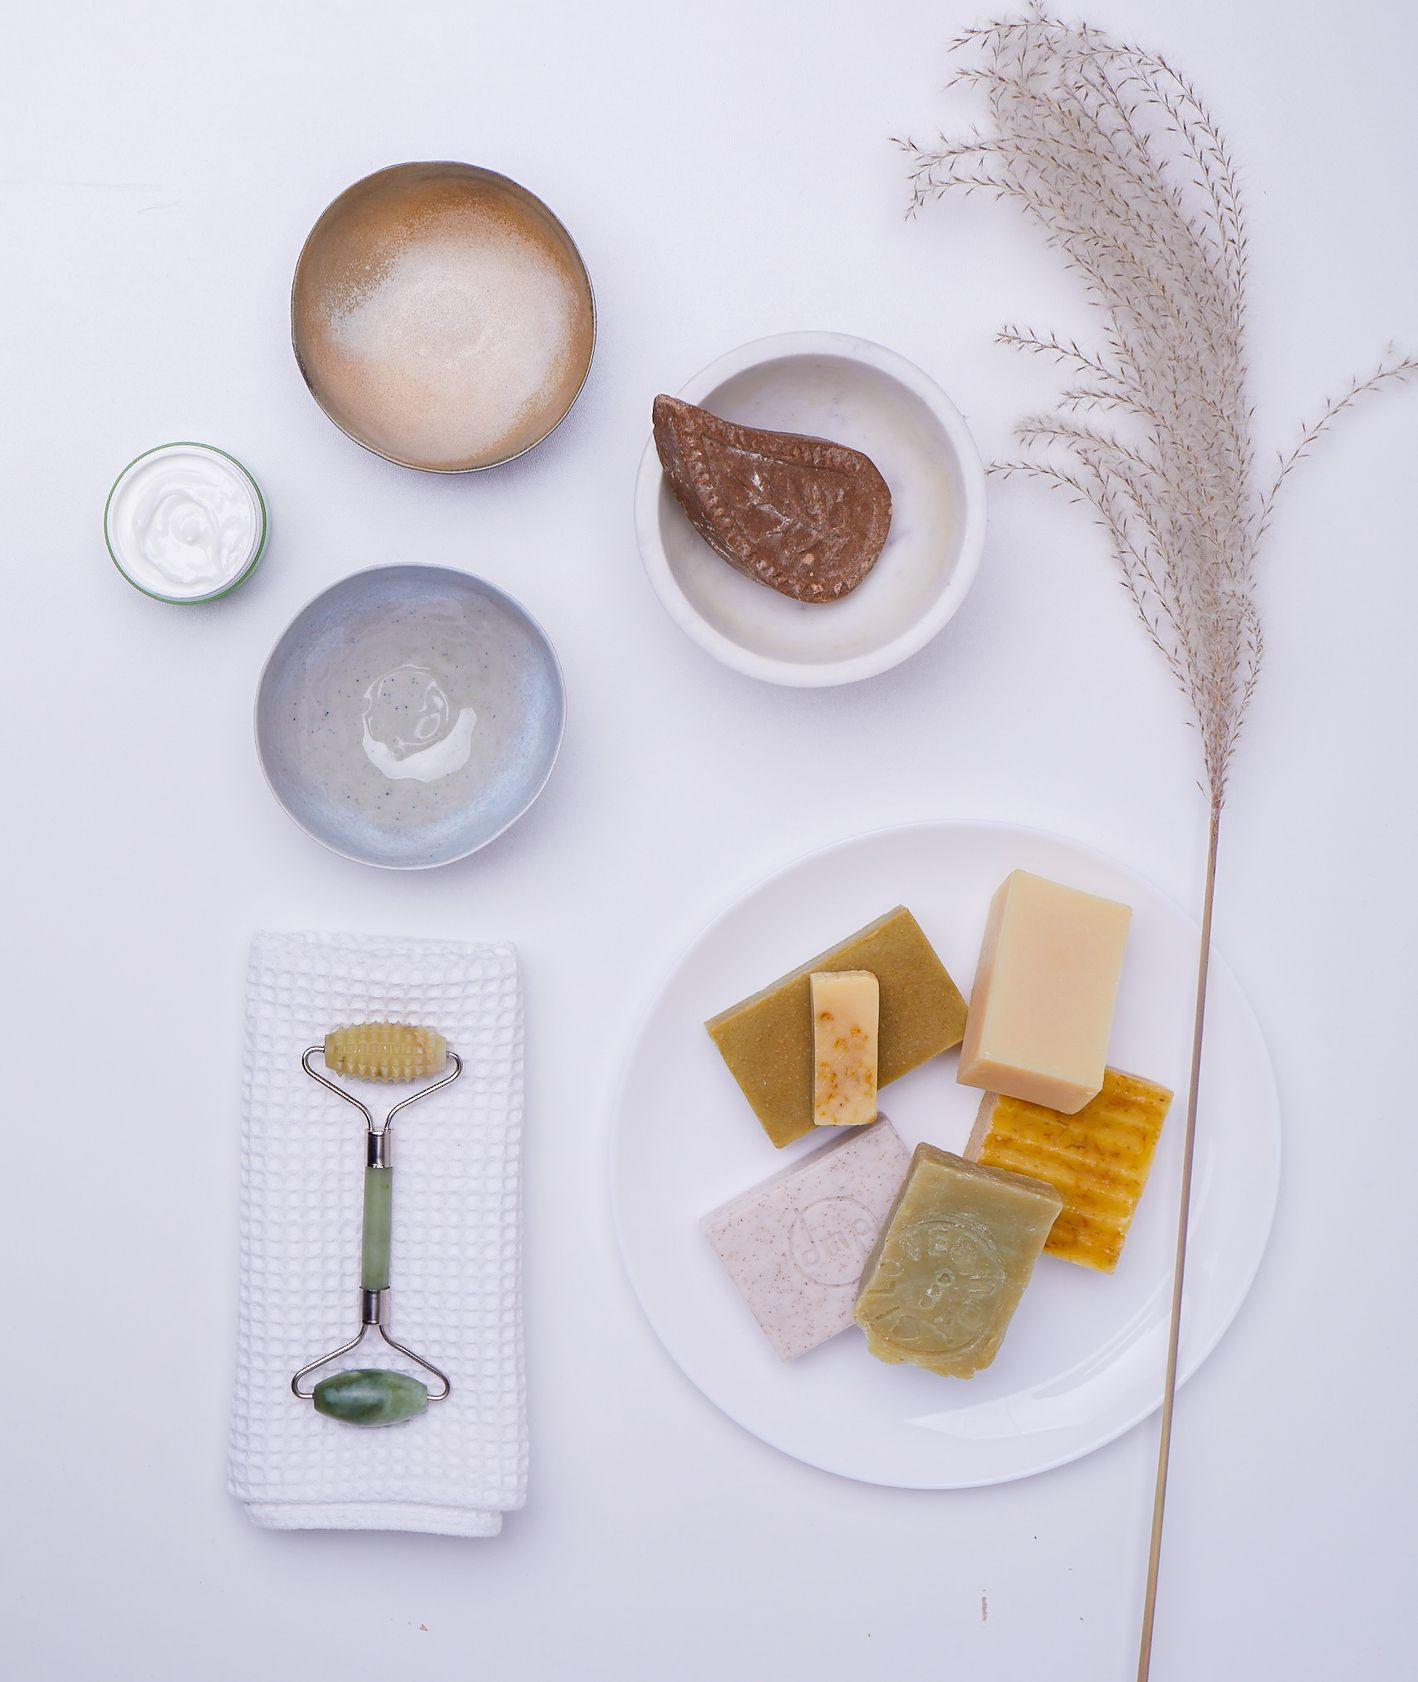 Roller do twarzy, mydła naturalne i ceramiczne miseczki (fot. Maciek Niemojewski)